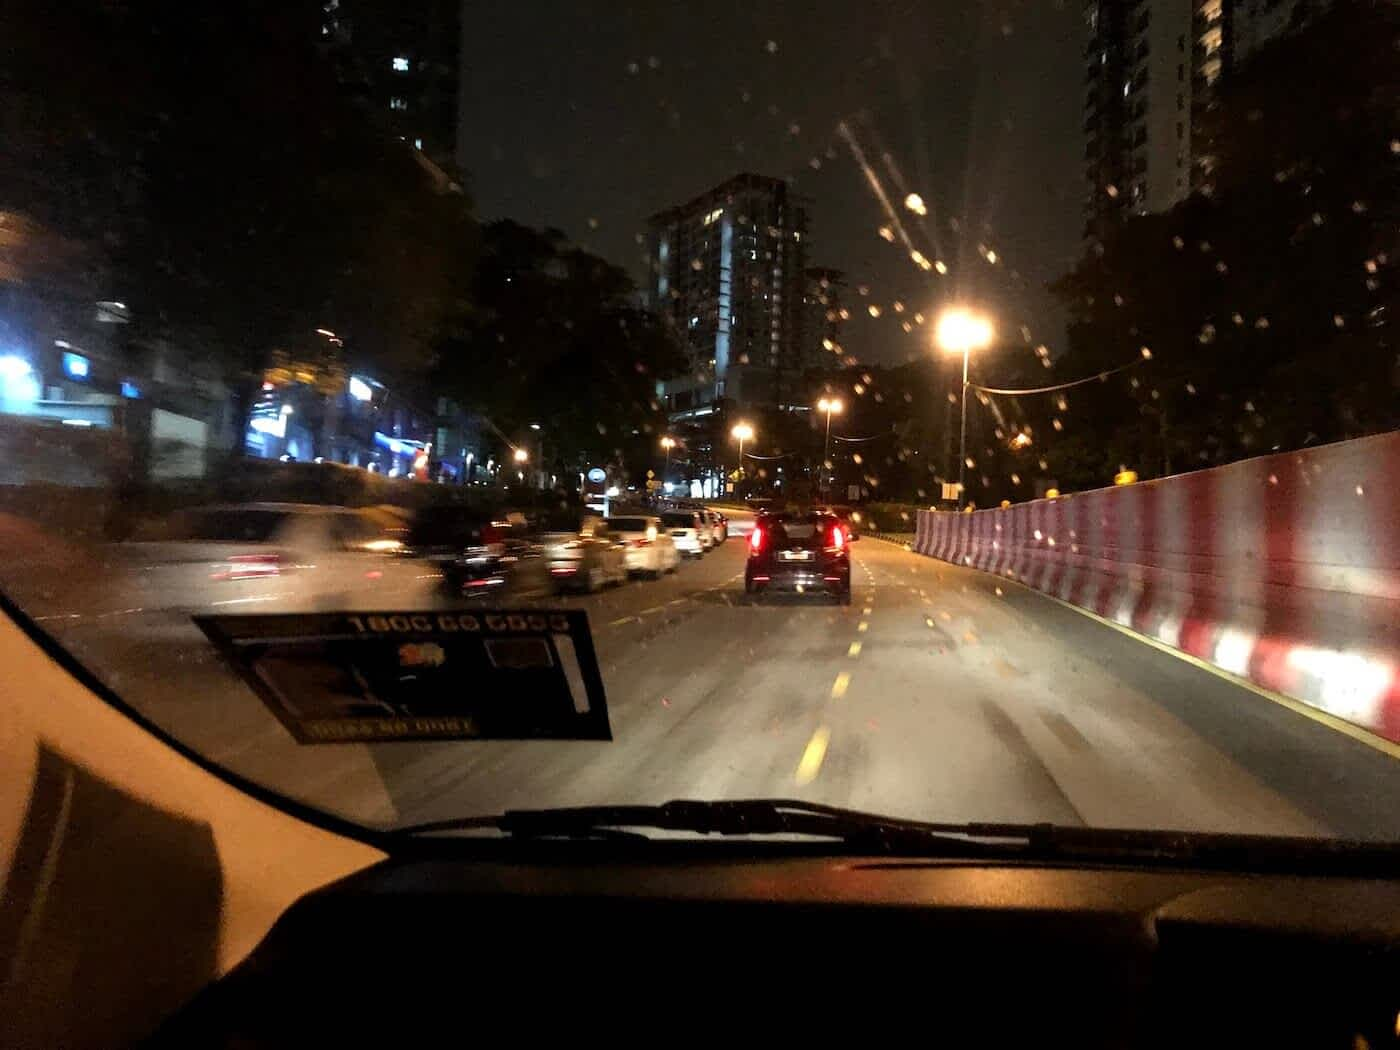 Car interior at night, ride sharing, ride sharing malaysia, ride sharing app, ride sharing services, ride sharing companies, uber malaysia, uber malaysia driver, grab malaysia